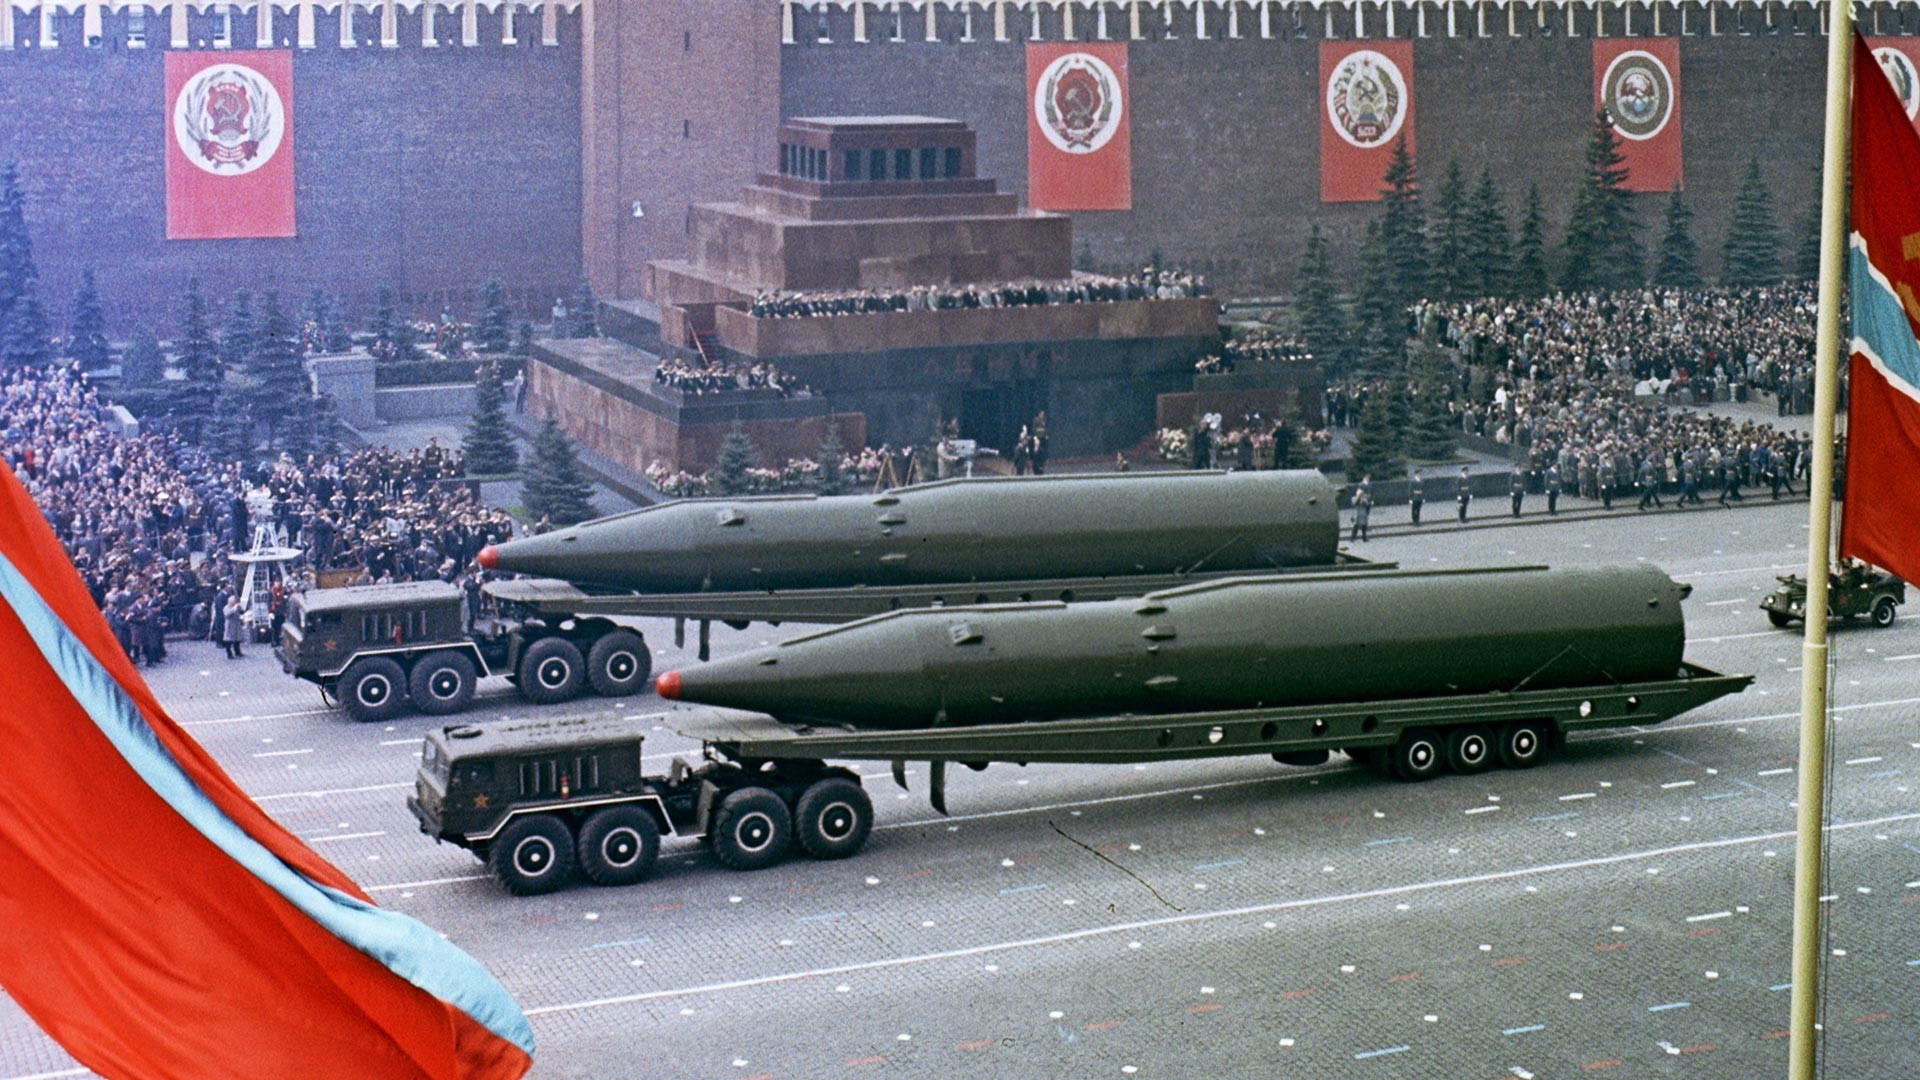 Воена парада на Црвениот плоштад по повод 20-годишнината од Победата во Големата татковинска војна 1941-1945.